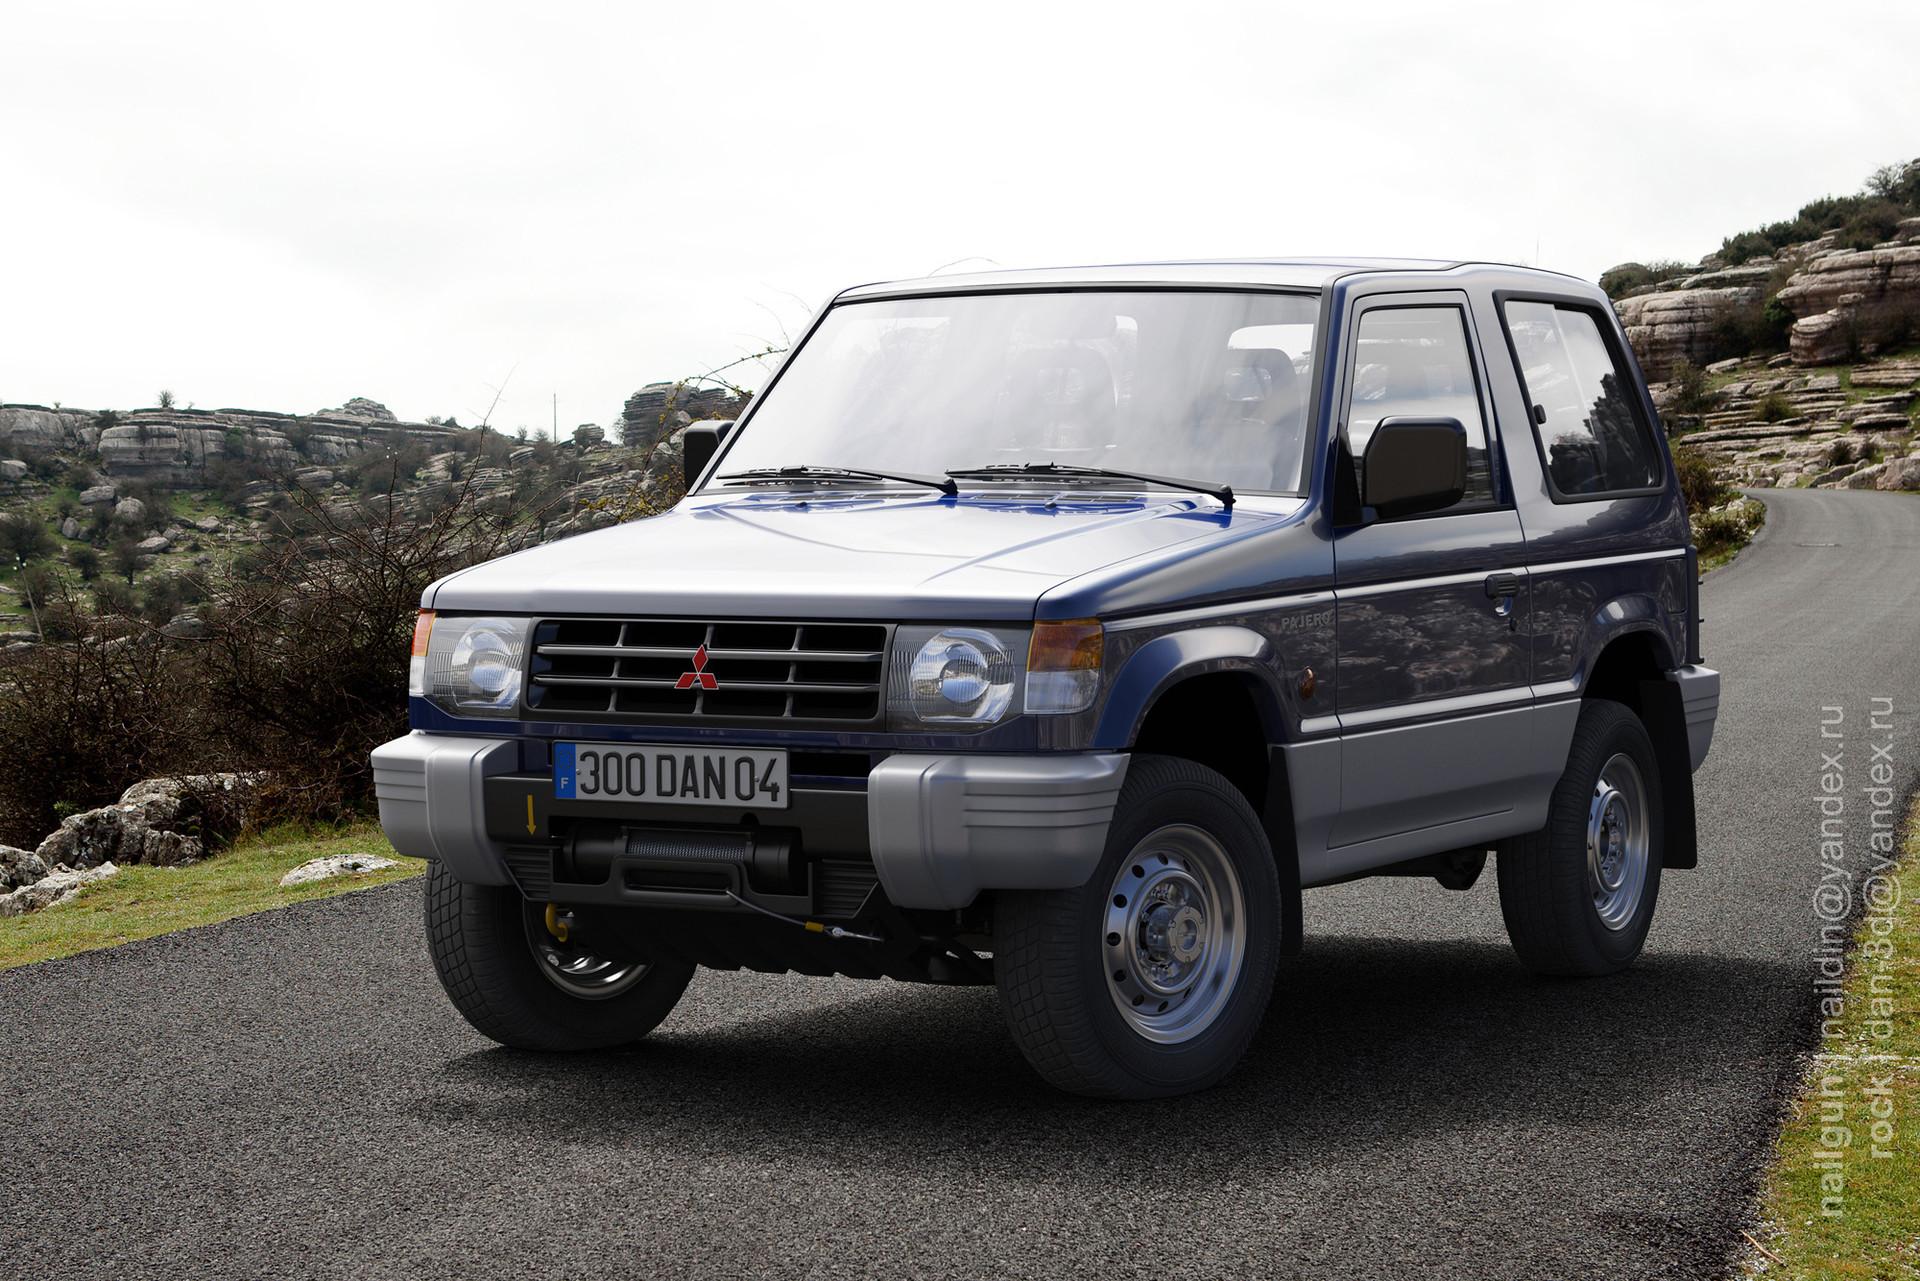 Honda Usa Cars >> Nail Khusnutdinov - cars Asia